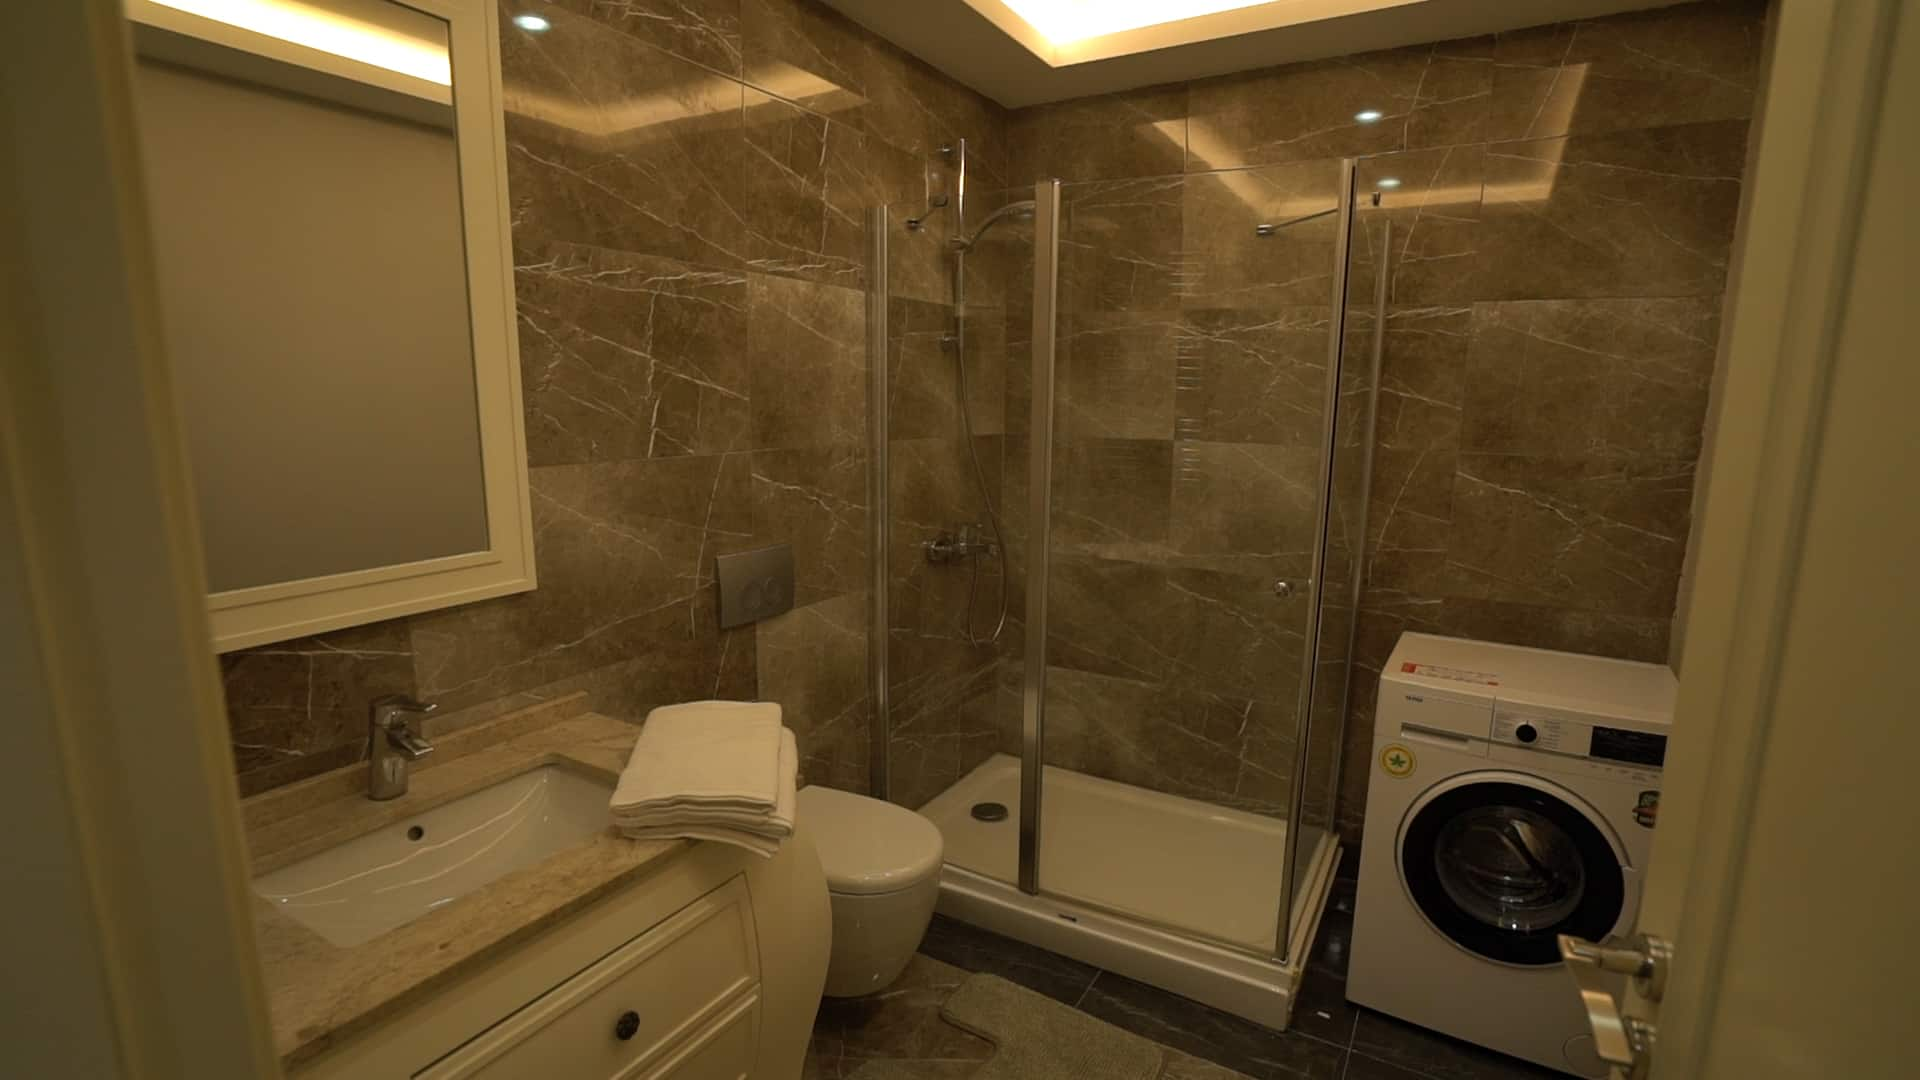 حمام شقق للايجار في فينيسيا لمدة اسبوع غرفتين وصالون